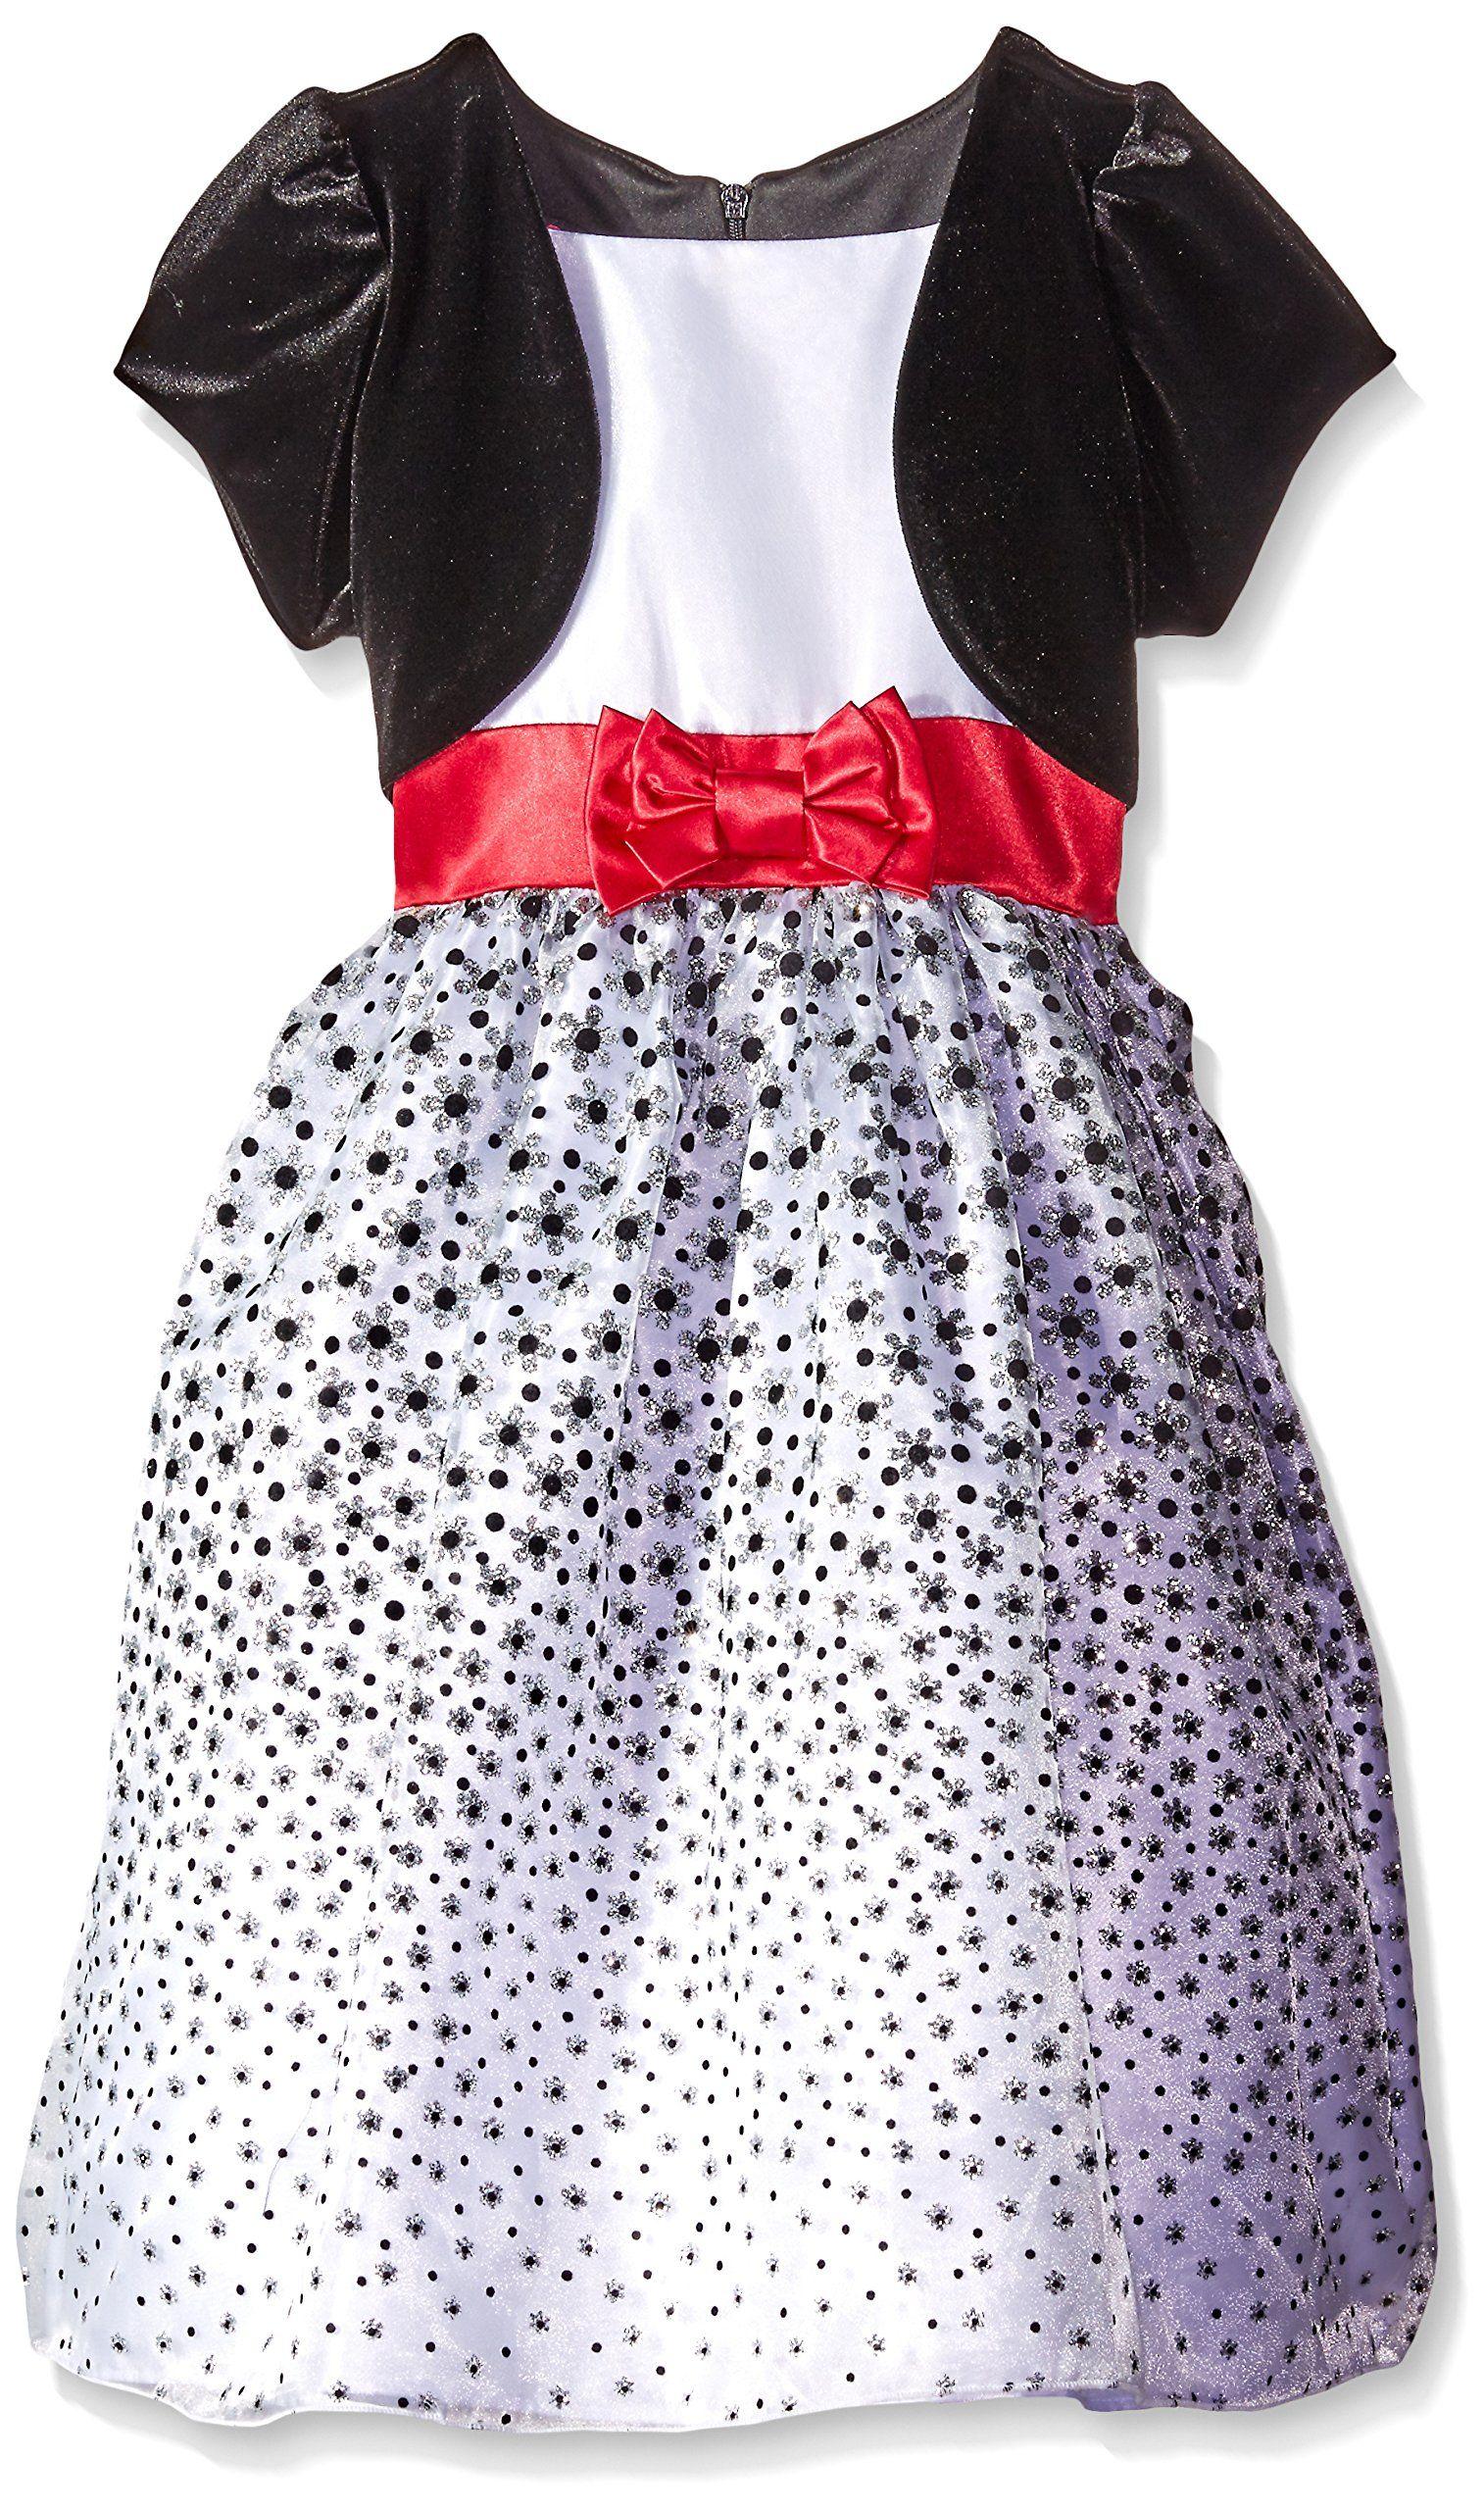 dac464a91 LOVE Big Girls  Velvet Shrug Falling Flower Glitter Flock Dress ...